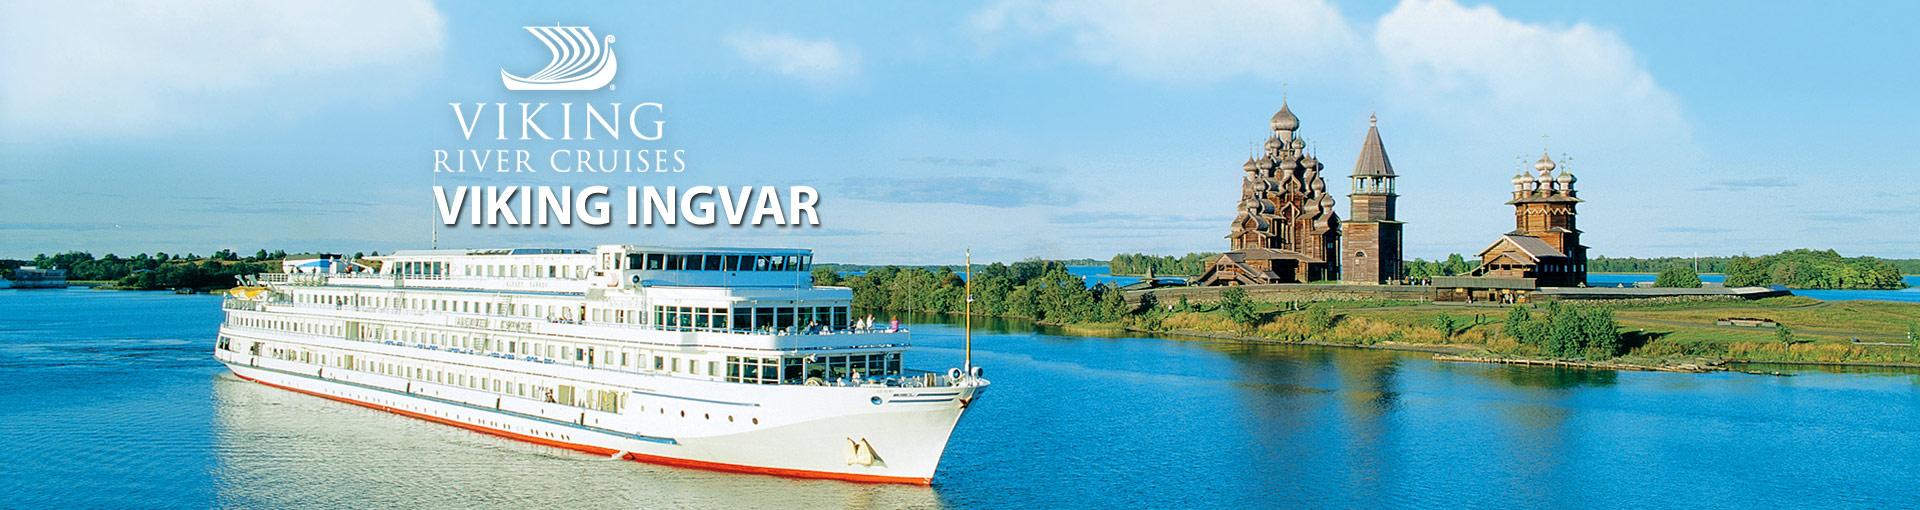 Viking Rivers Viking Ingvar river cruise ship